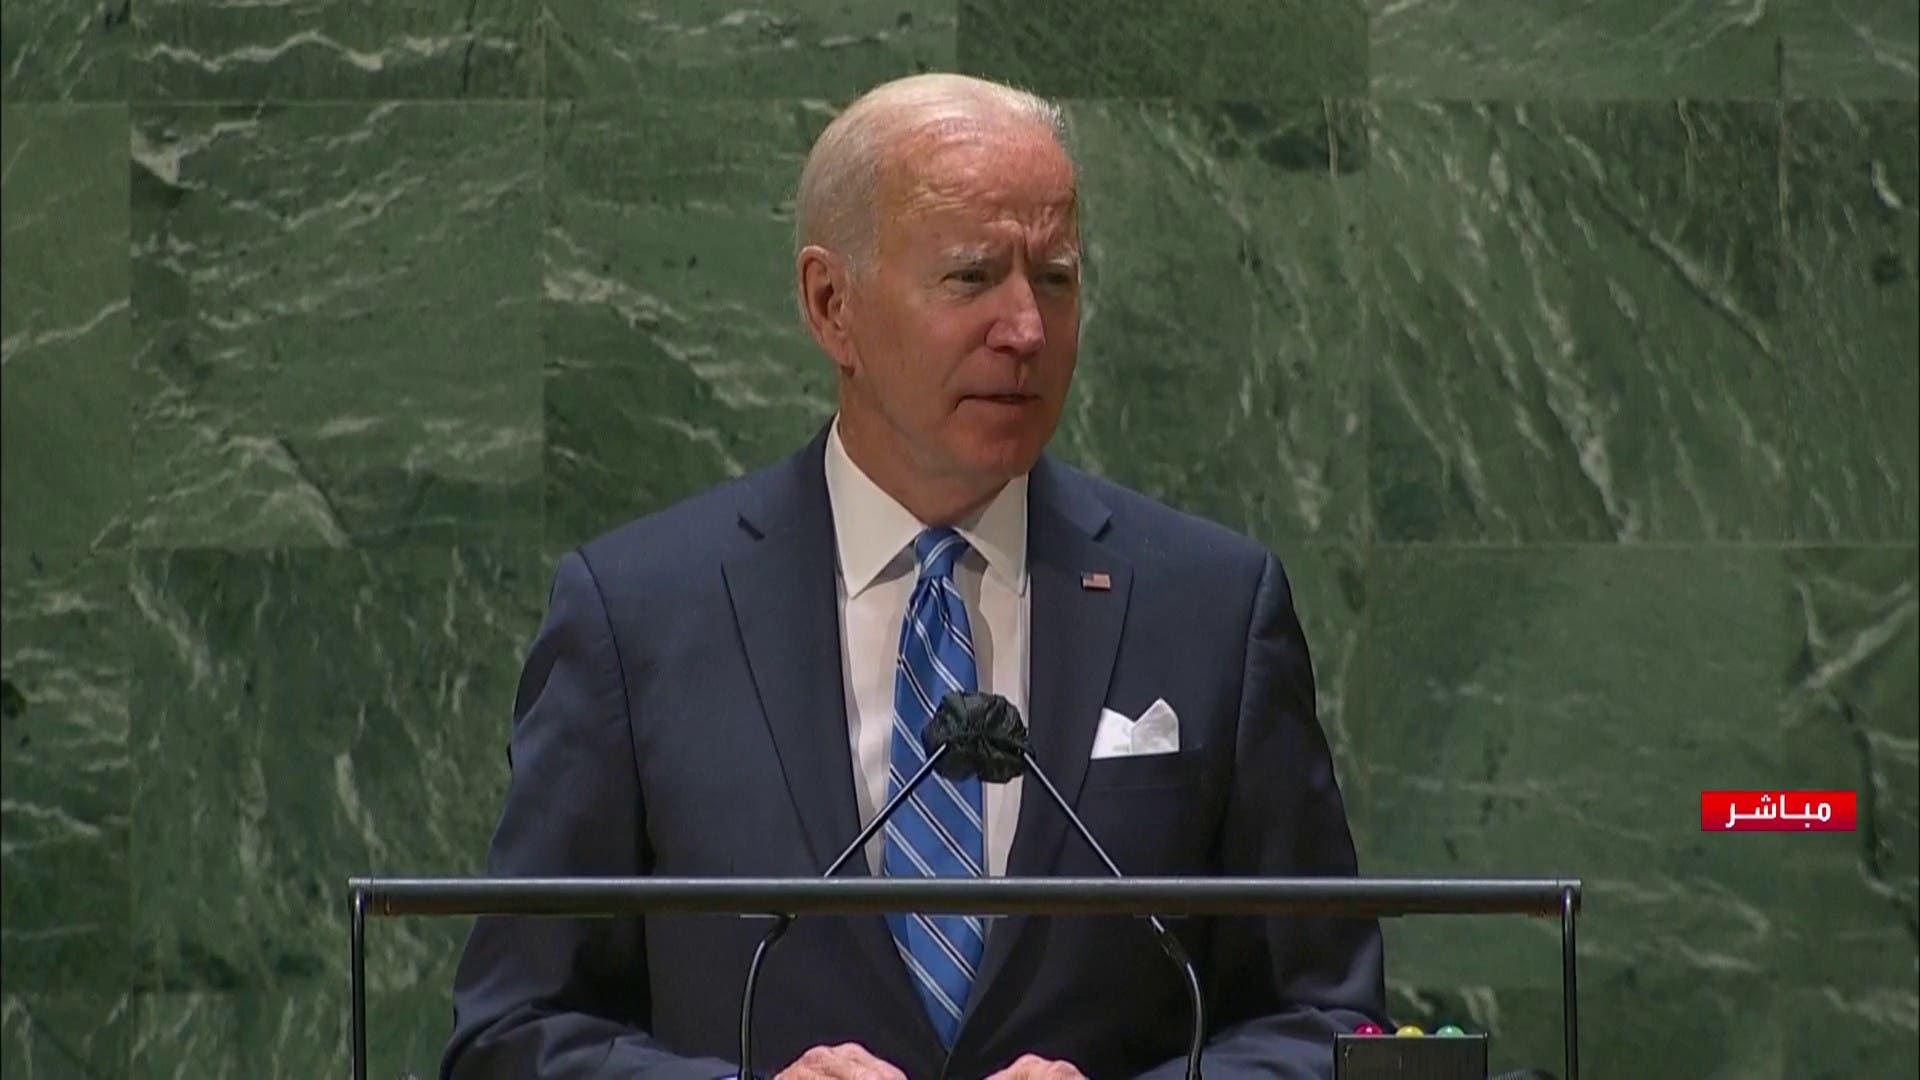 كلمة الرئيس الأميركي جو بايدن أمام الجمعية العامة للأمم المتحدة